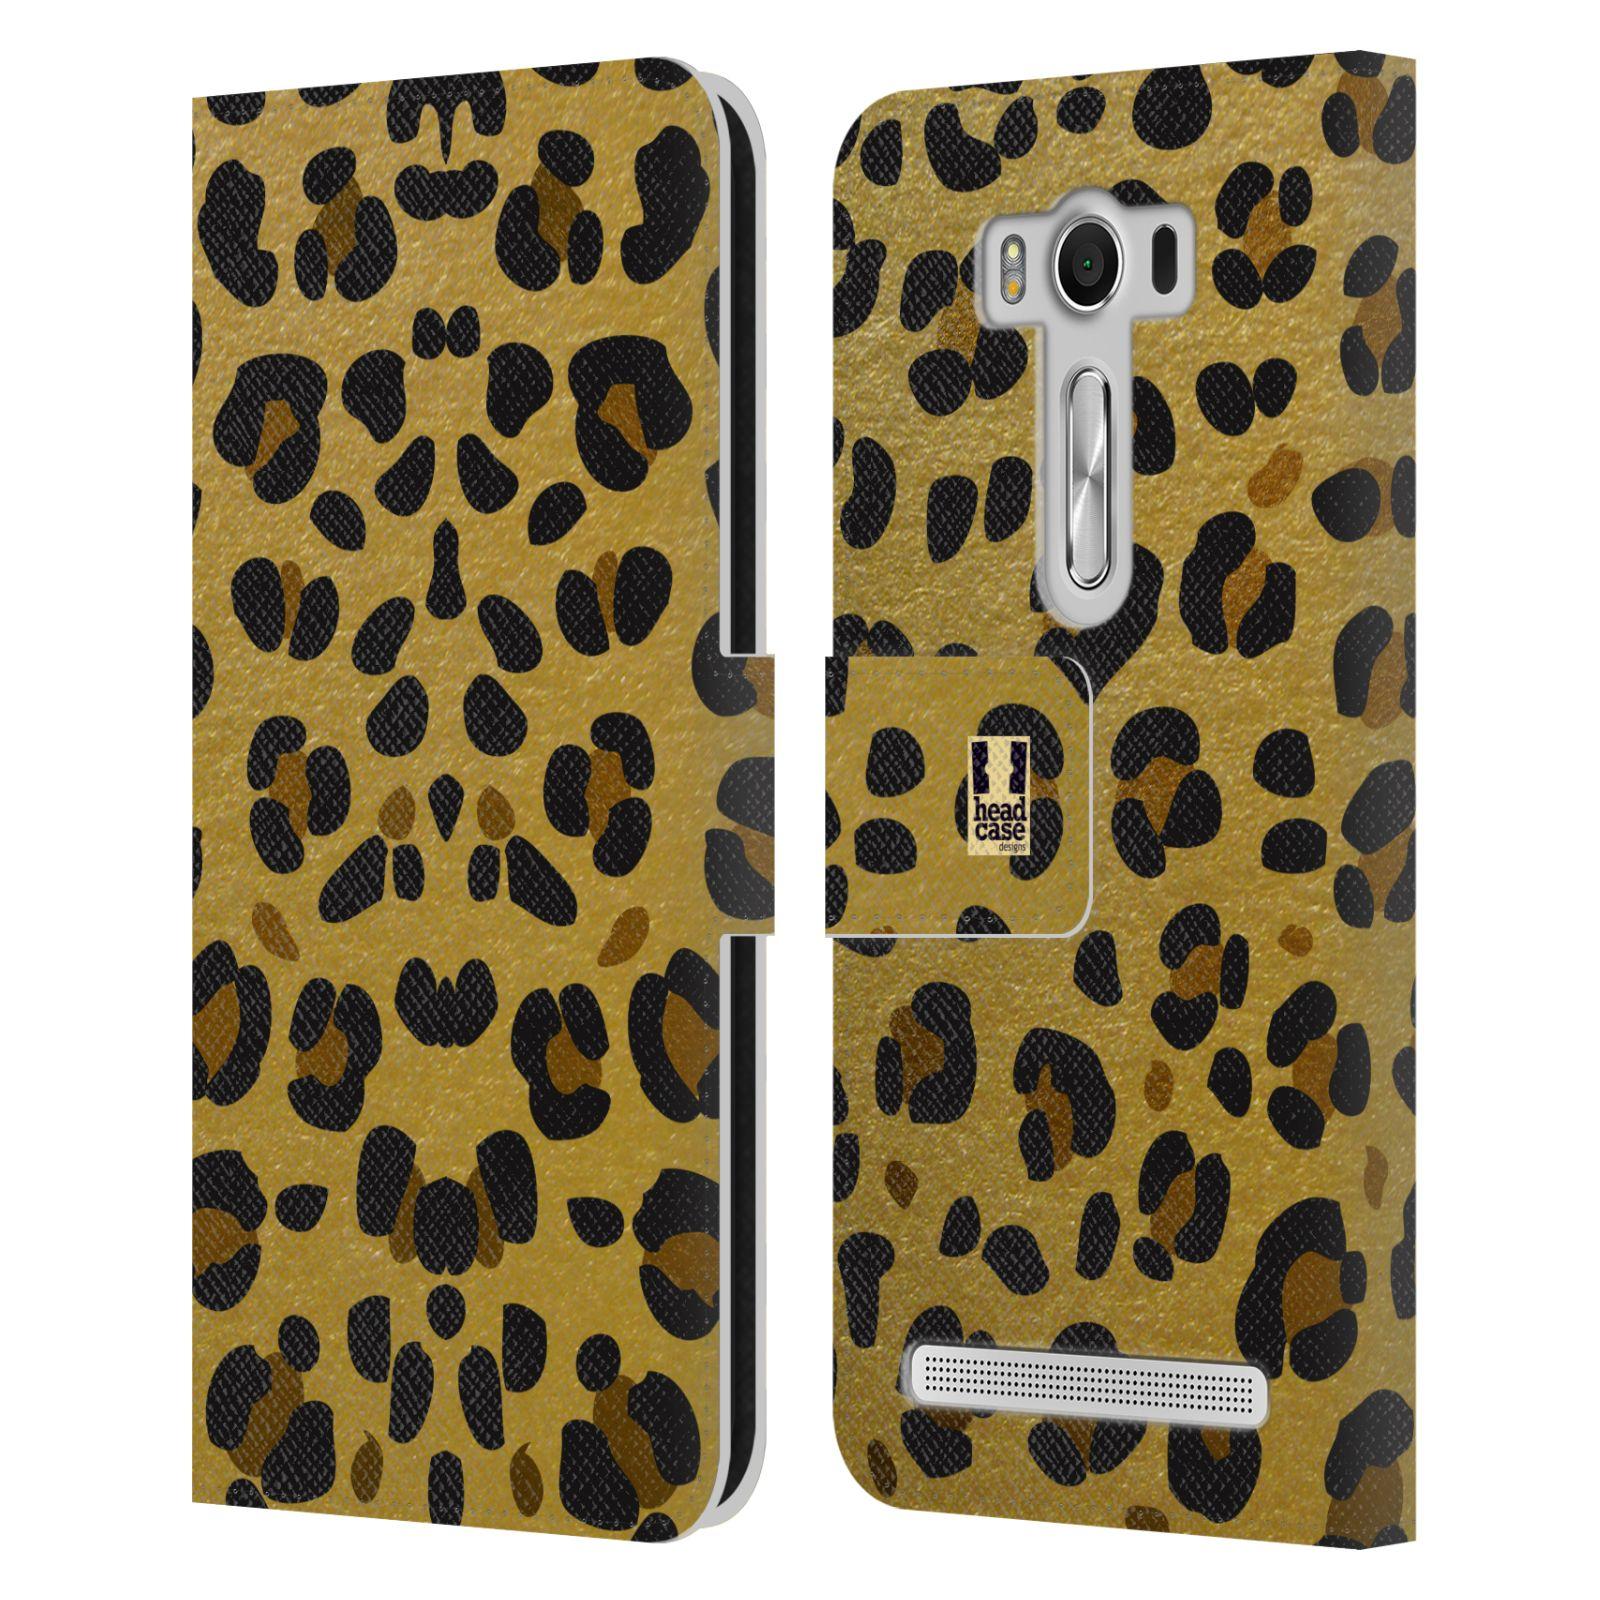 Pouzdro na mobil Asus Zenfone 2 Laser ZE500KL - Head Case - Fashion zvířecí vzor